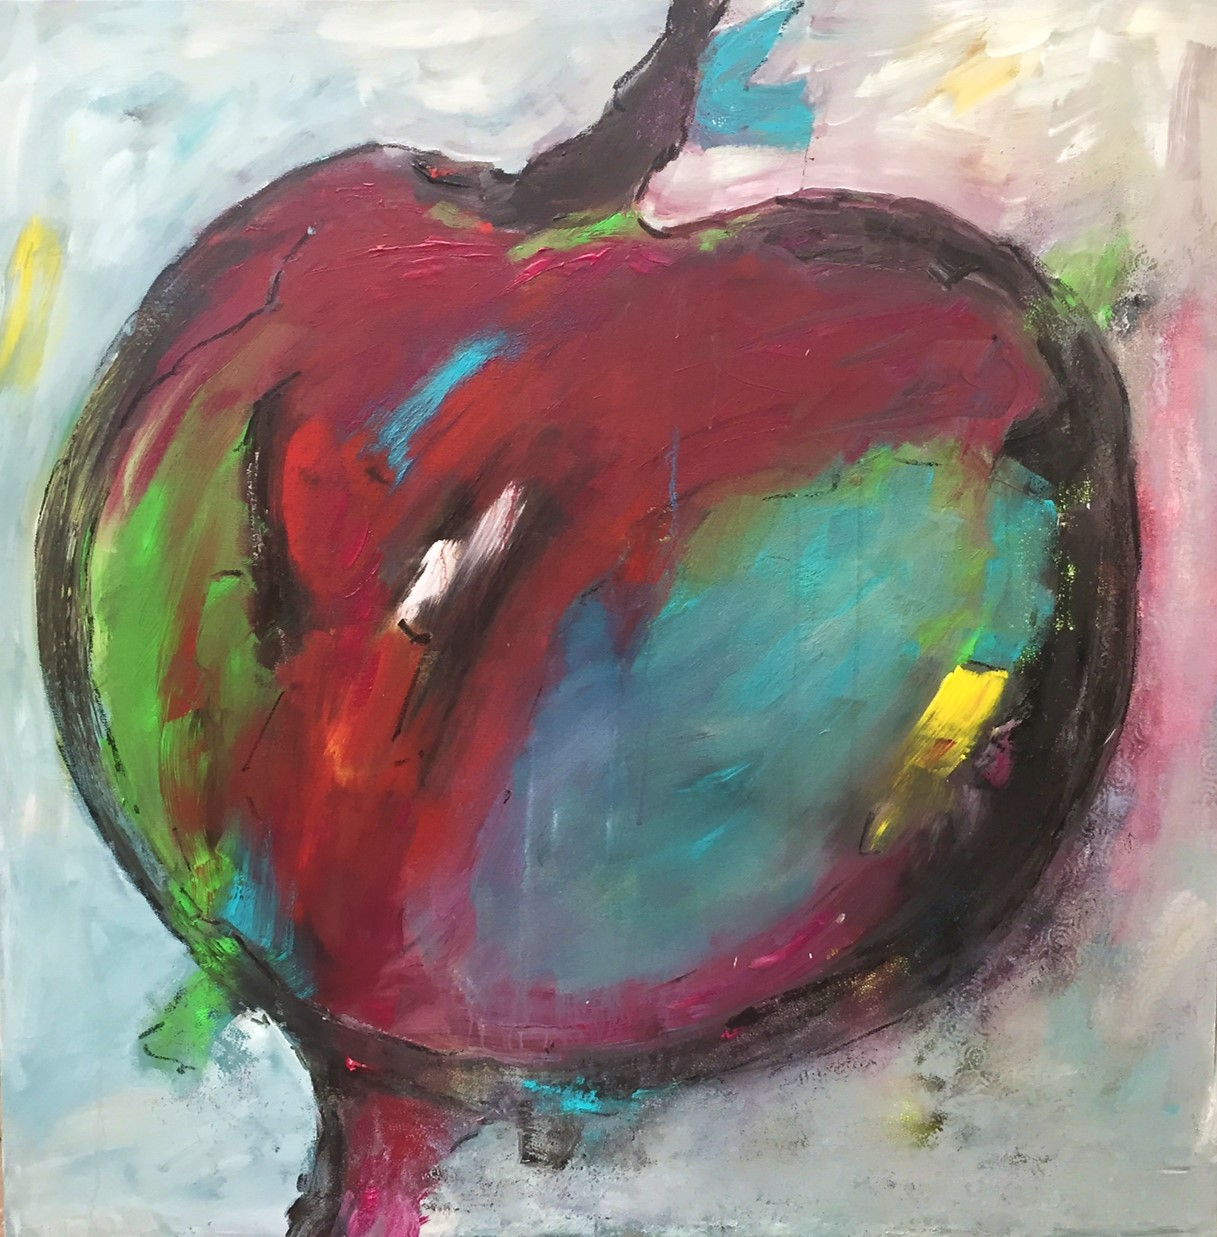 Apfel, Acryl auf Leinwand, 100x100cm